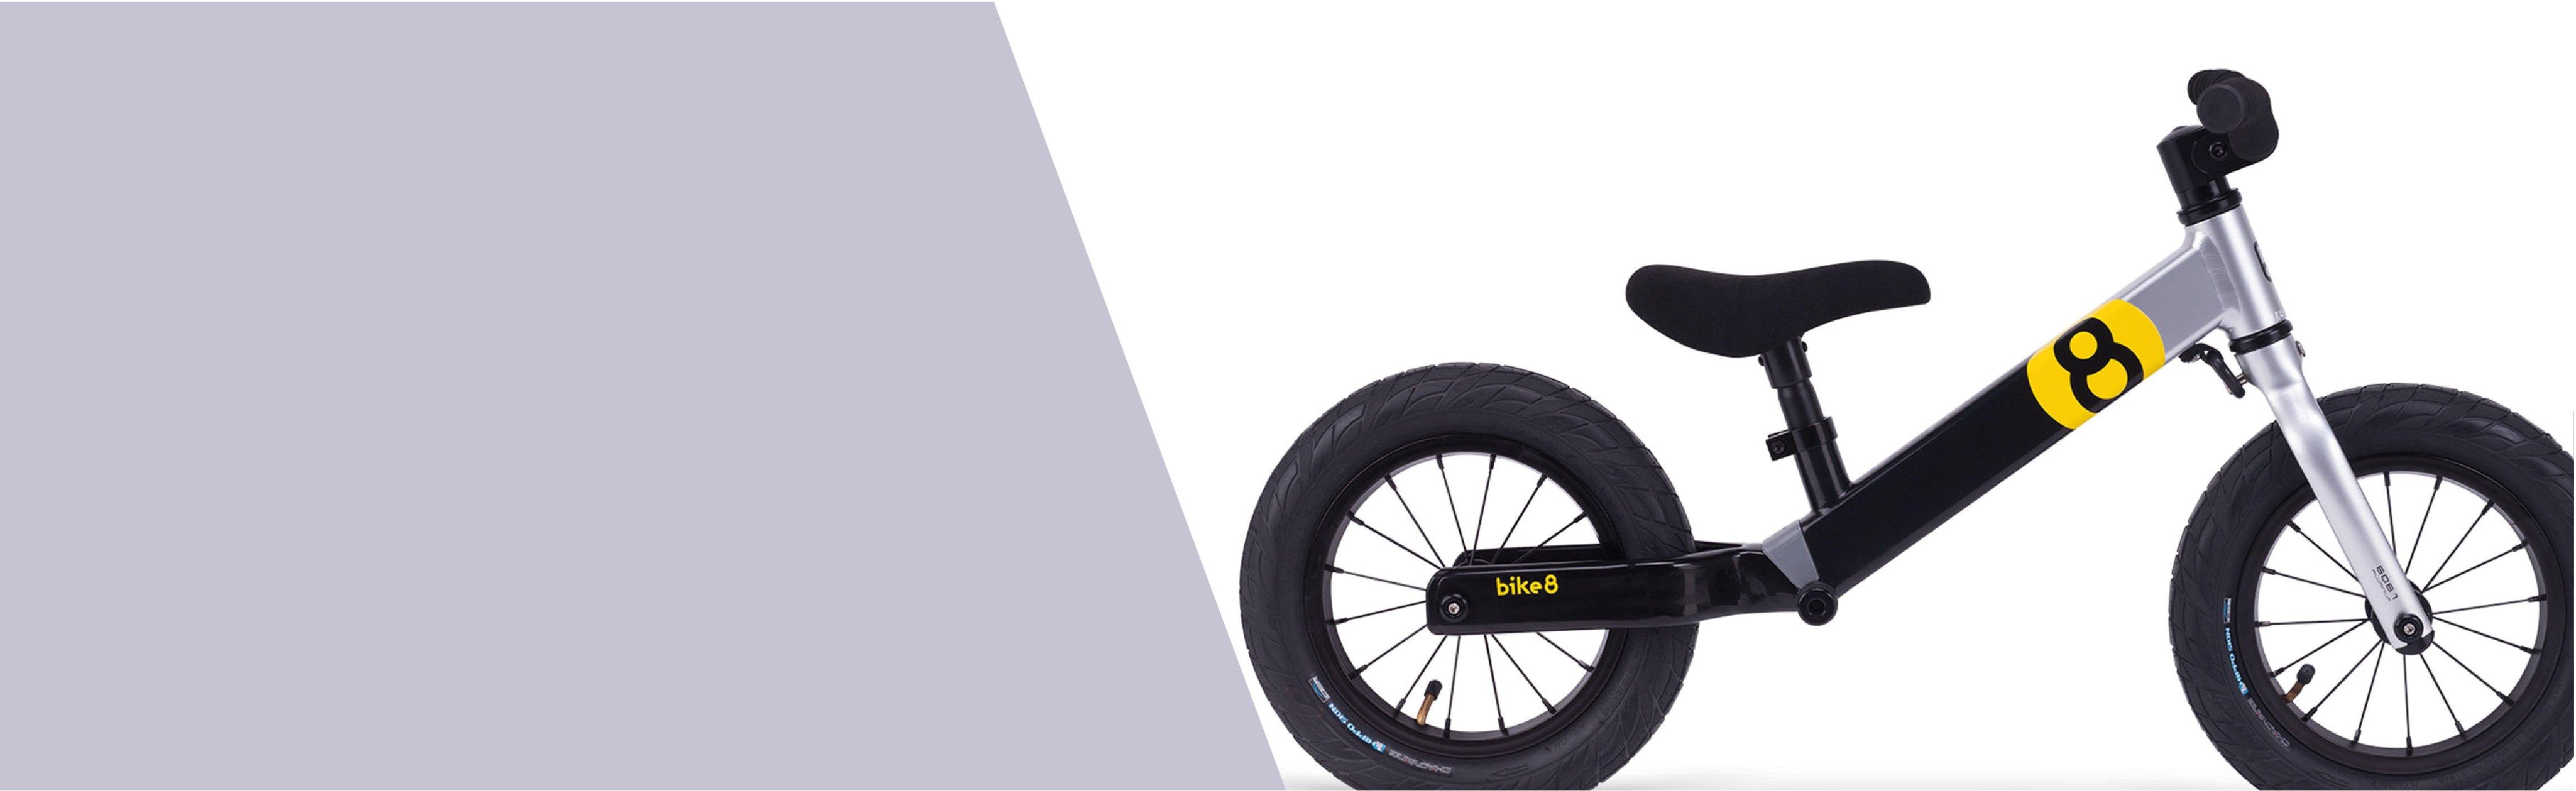 Bike 8 S